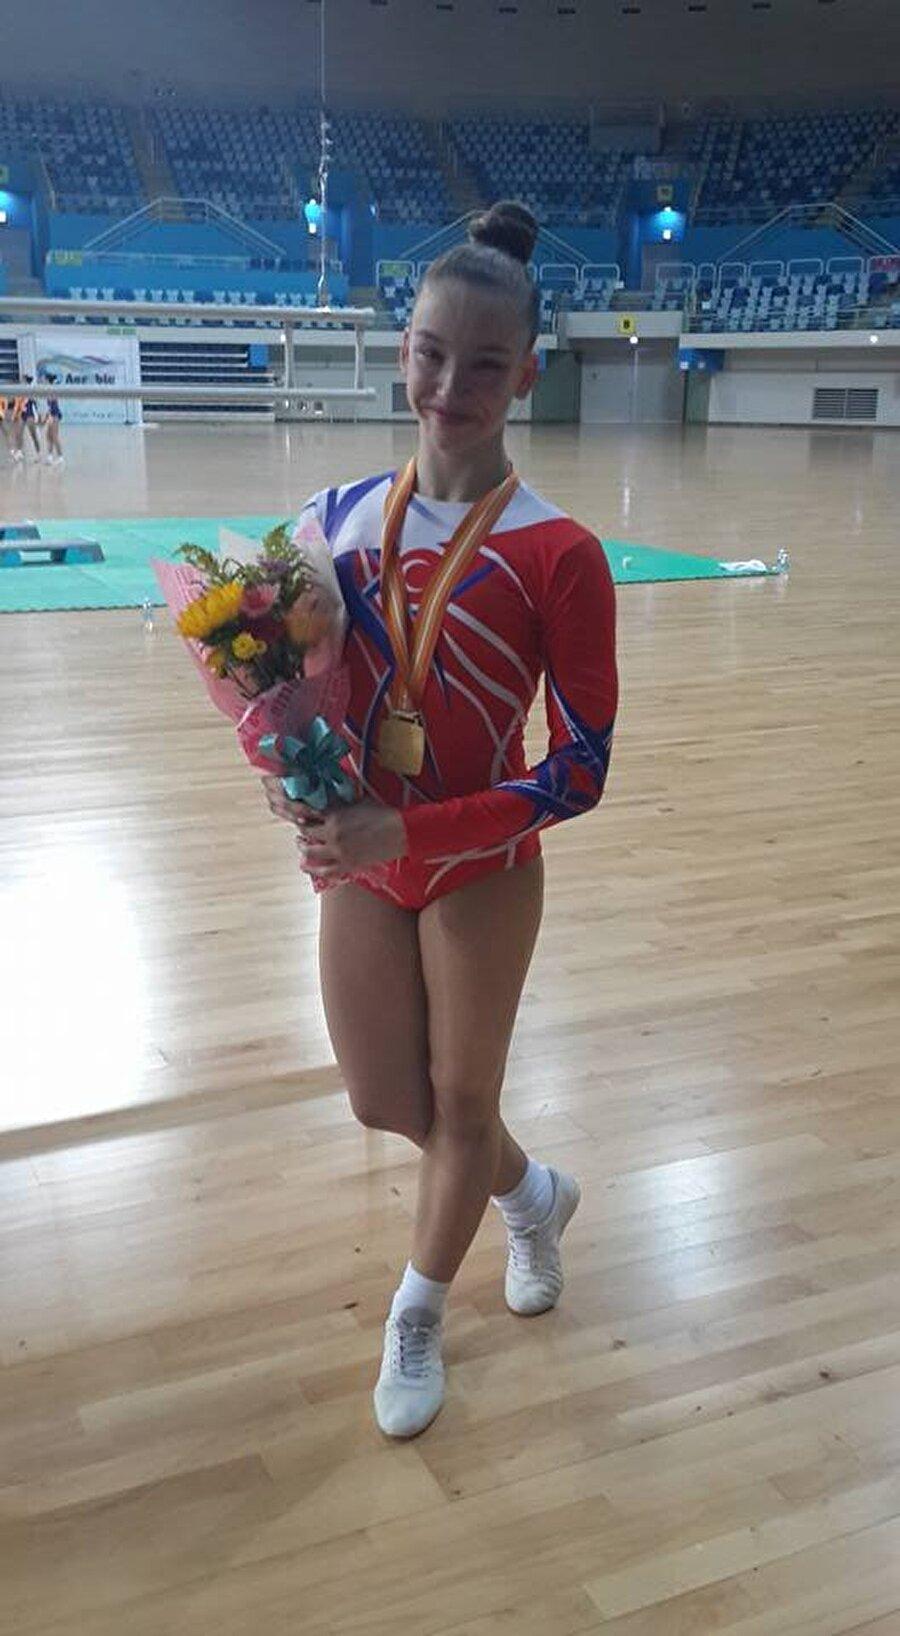 Altın madalyanın sahibi Ayşe, 13 Haziran'da Güney Kore'de başlayan 2016 Dünya Jimnastik Şampiyonası'nda altın madalya kazandı.